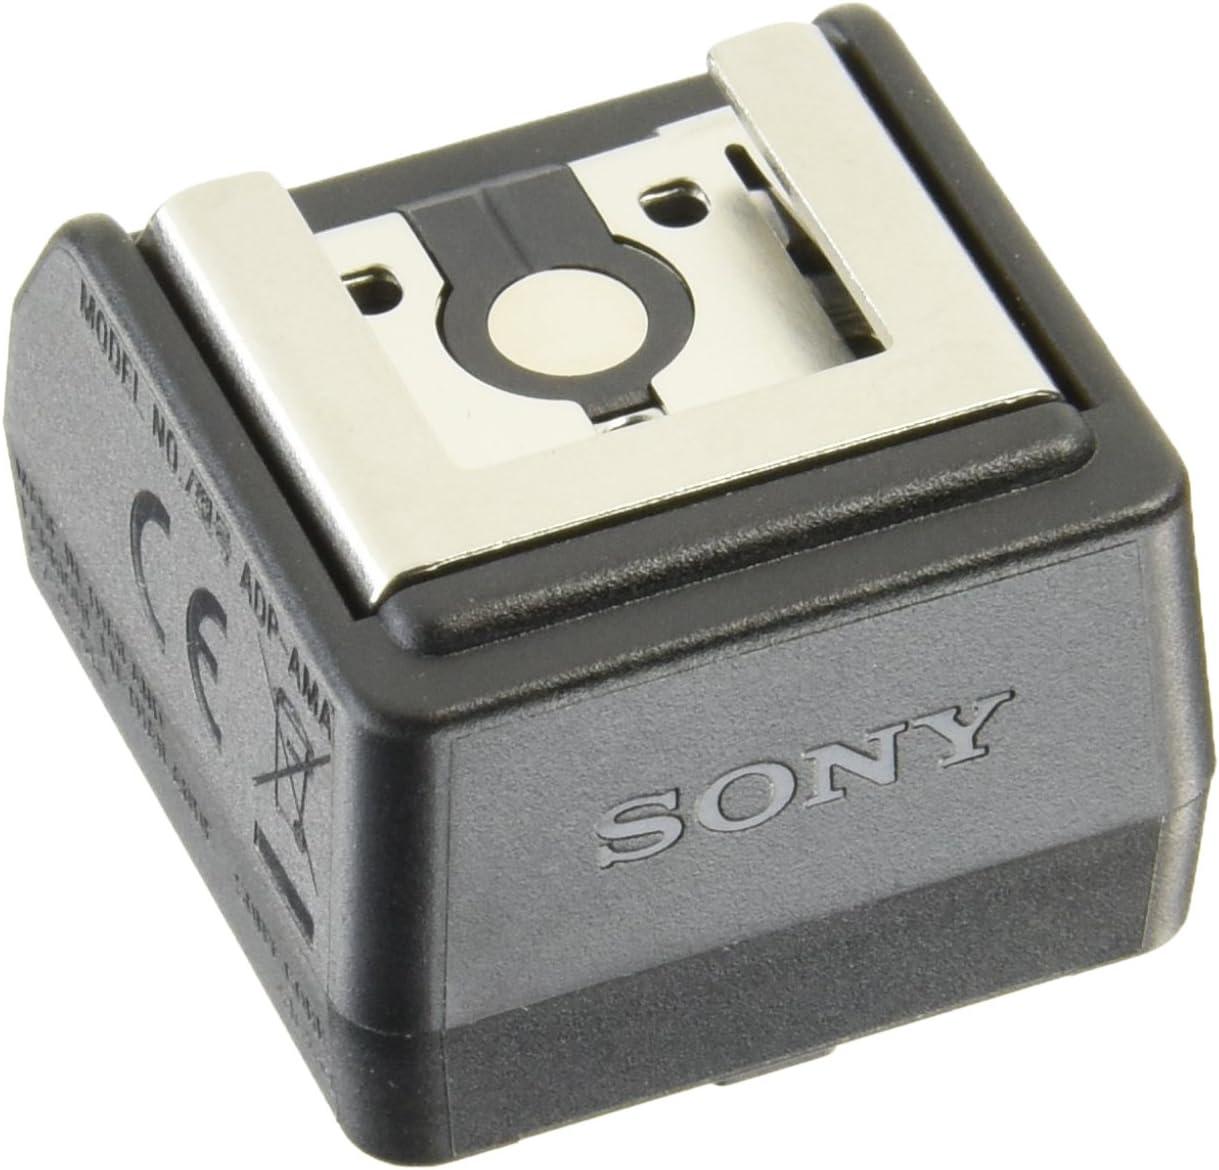 Msa-10 adaptador zapata flash para Sony nex3 nex5 cámaras y muchos más hot Shoe Nex